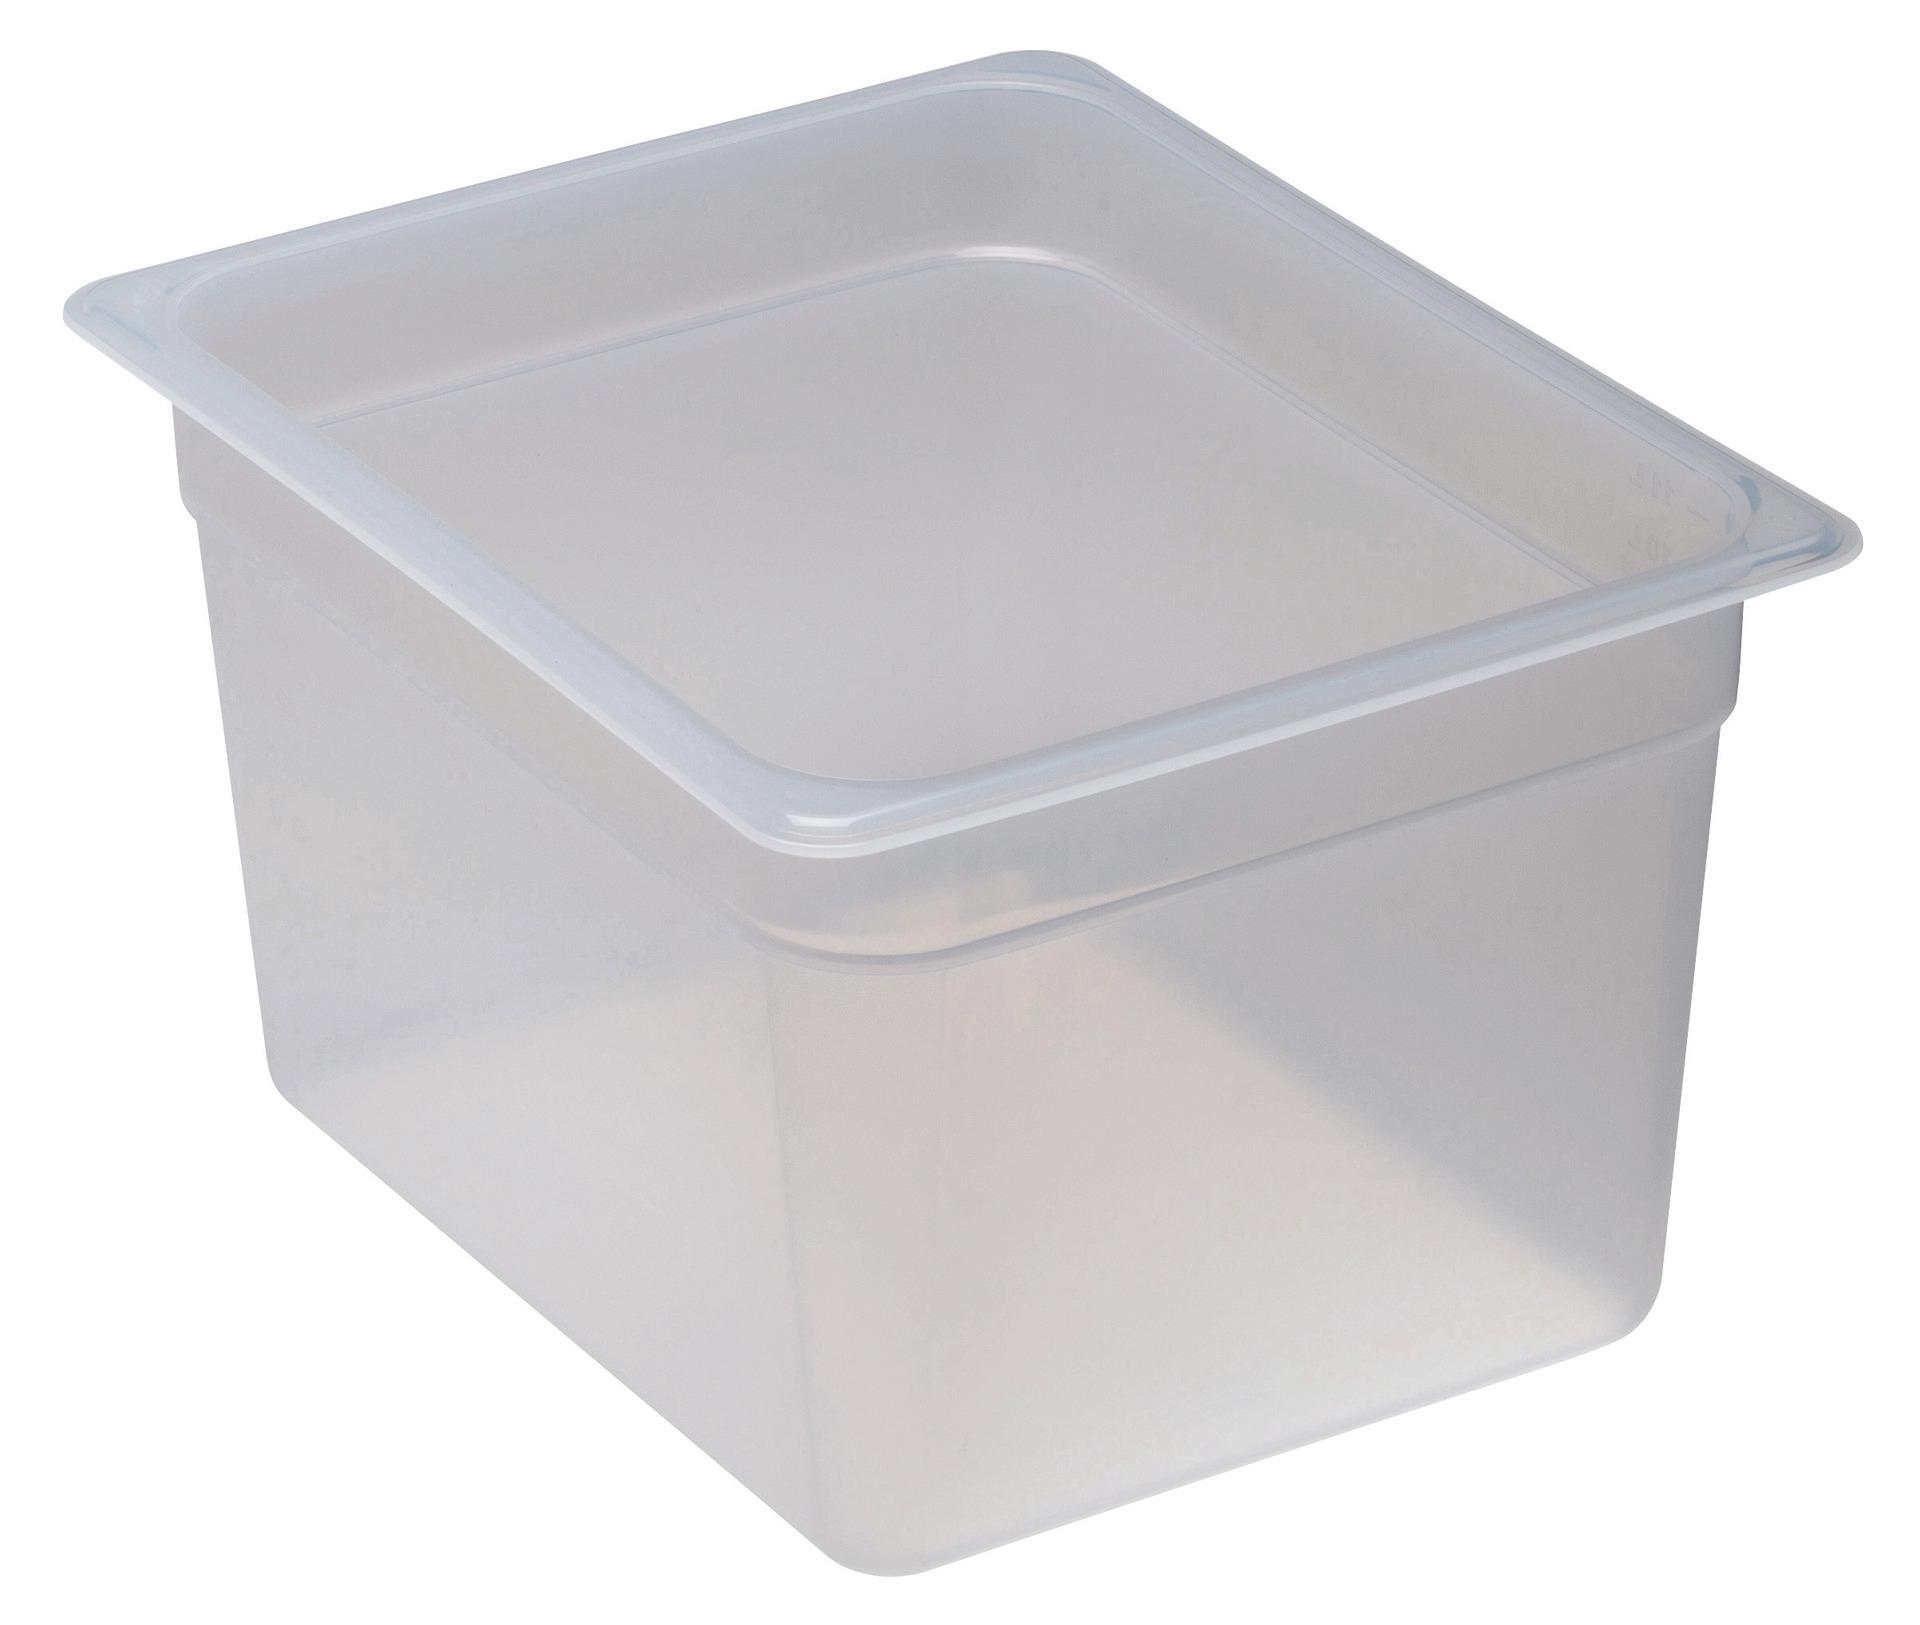 GN-Behälter GN 1/2 11,70 l / 325 x 265 x 200 mm transparent